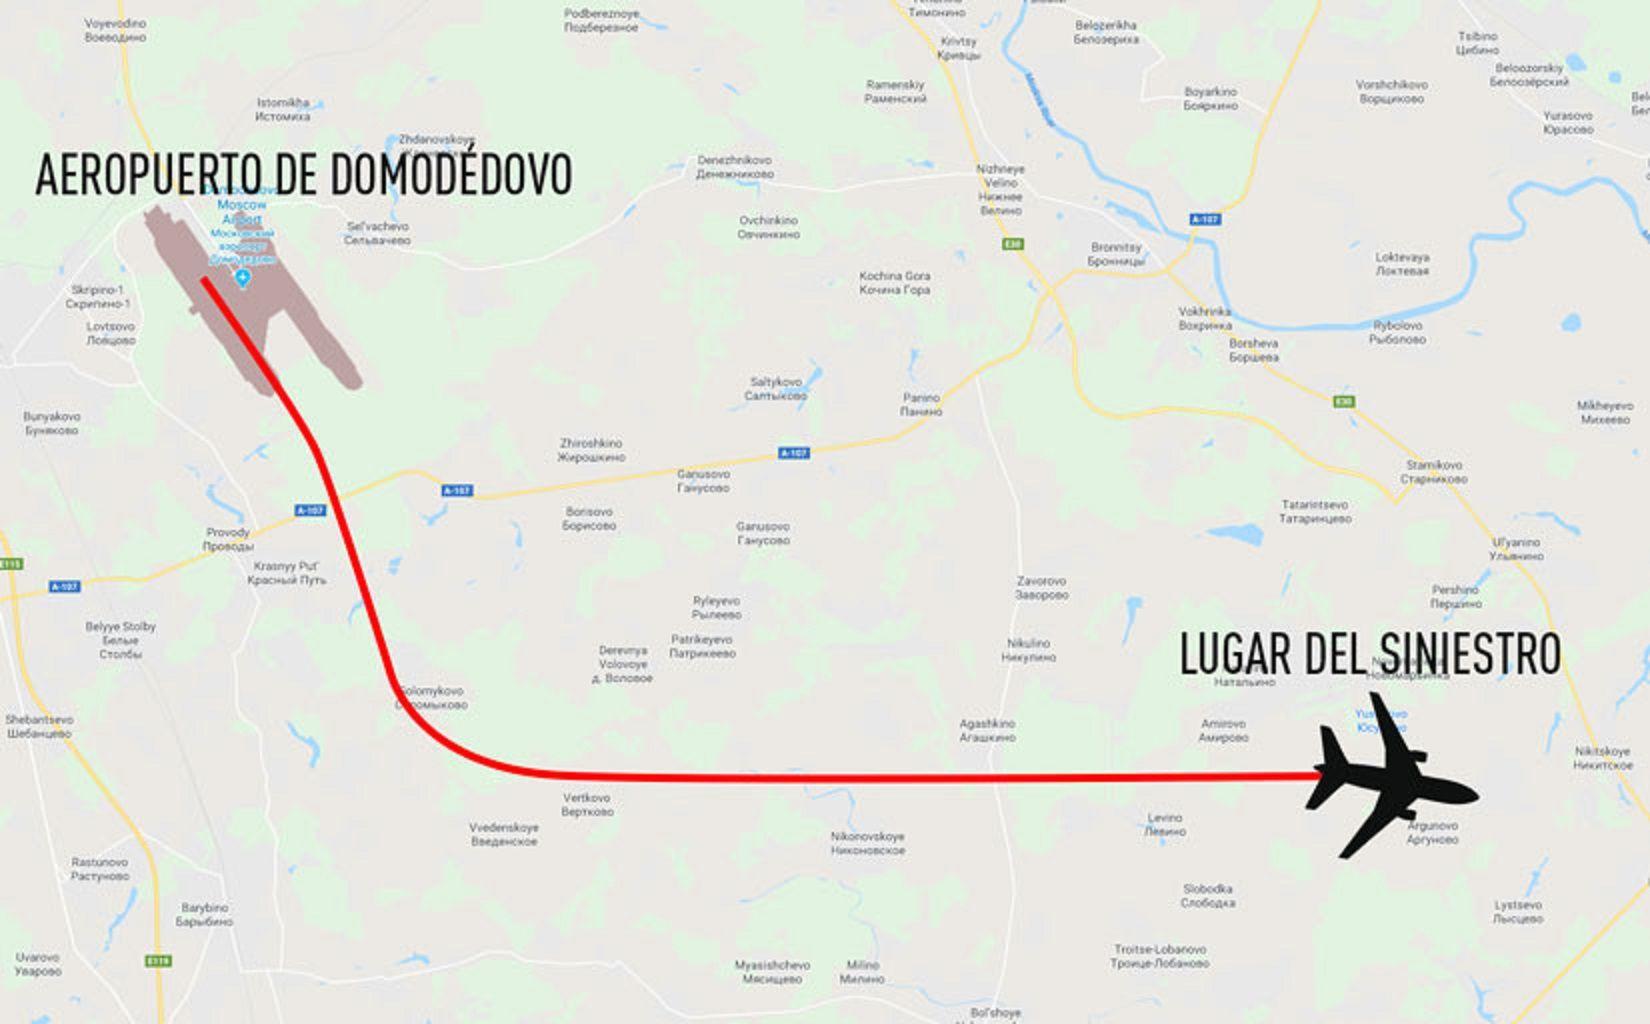 La trayectoria de la aeronave rusa.